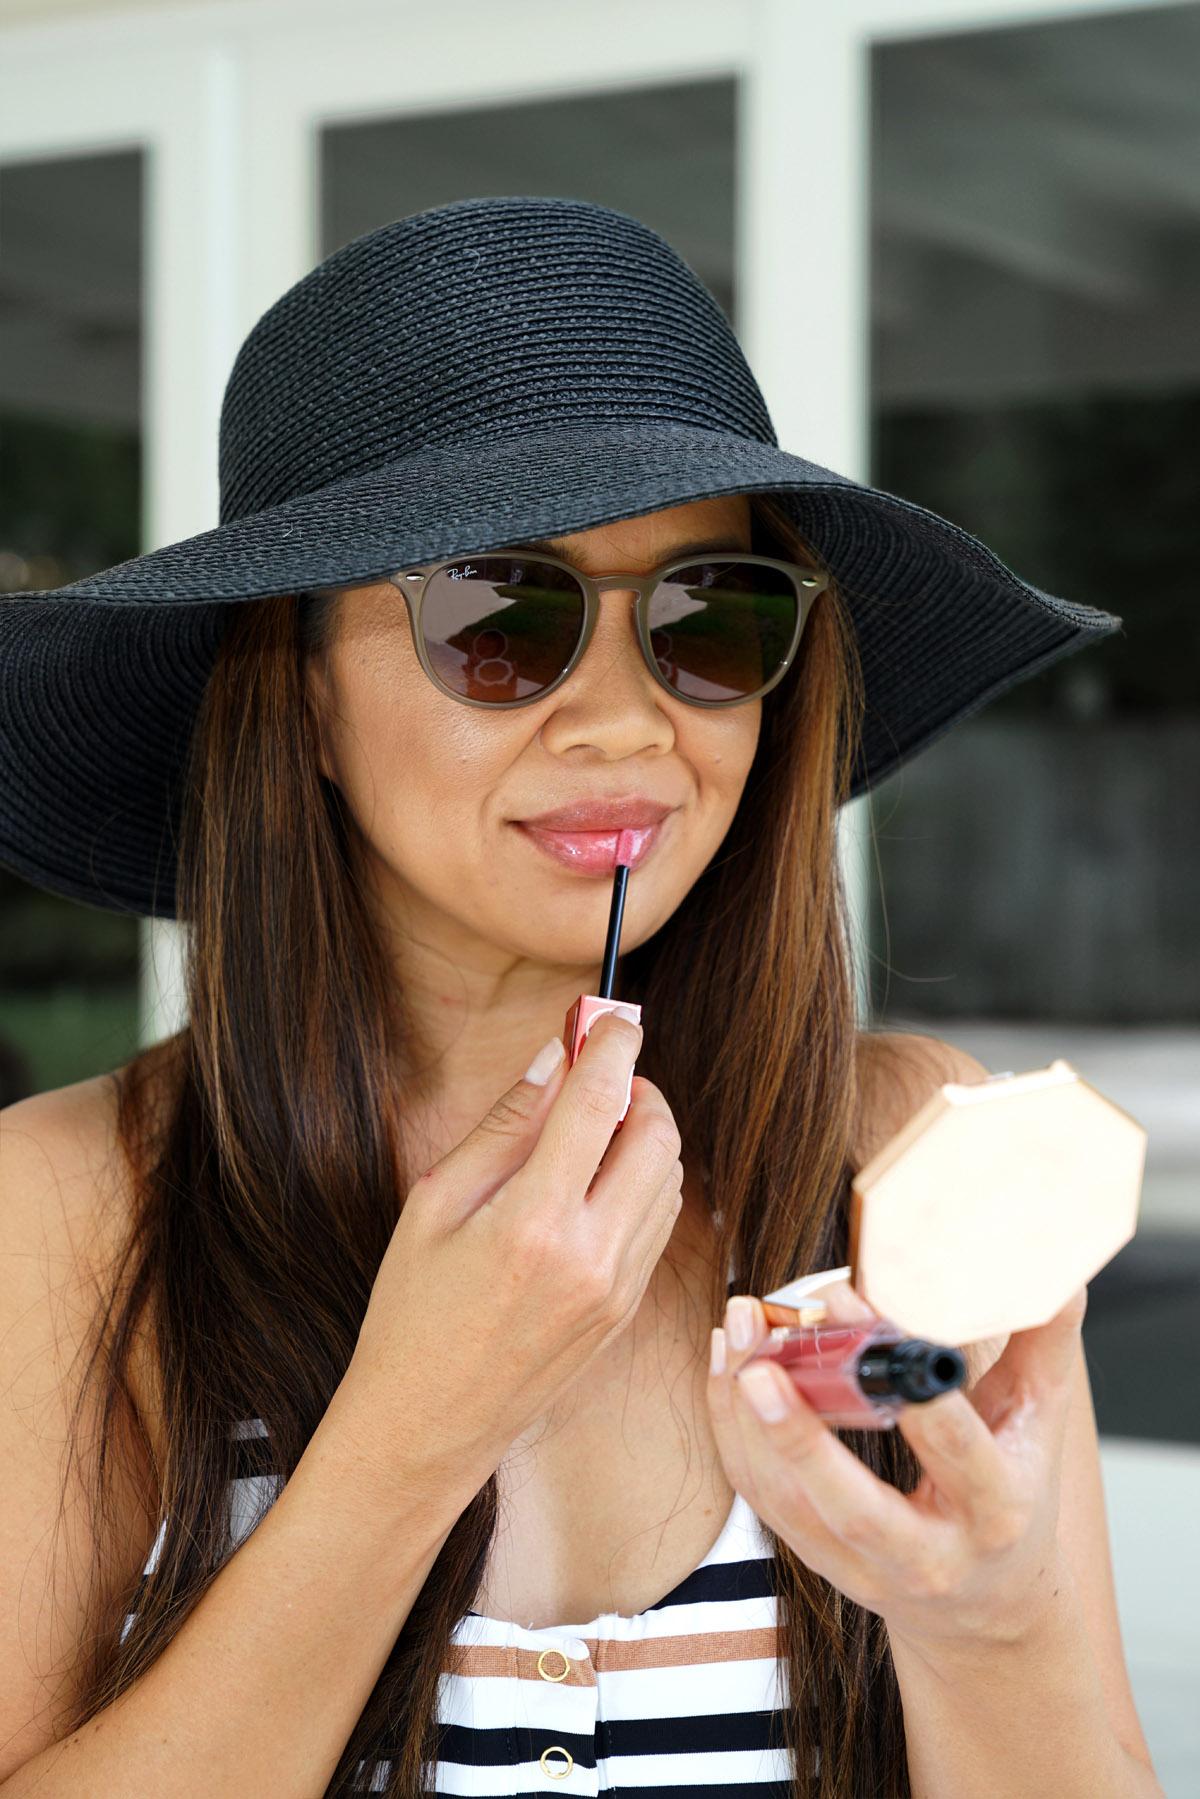 Huile pour les lèvres NARS Primal Instinct